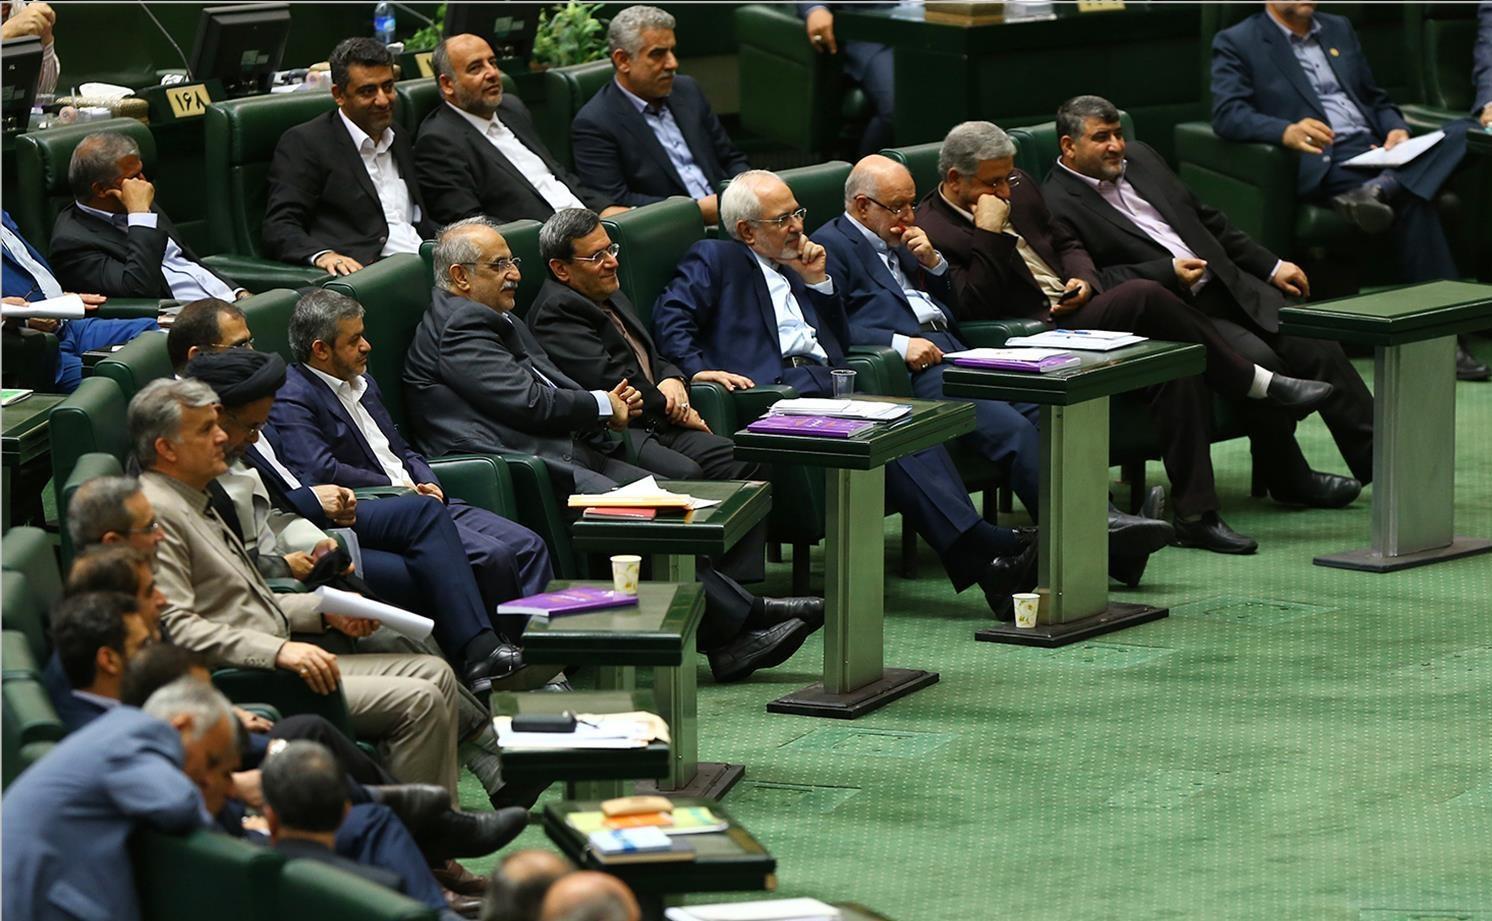 پسلرزه توهین به مرد هستهای در مجلس/ گعدههای نمایندگان با وزرای پیشنهادی/ روبوسی بعد از مخالفت